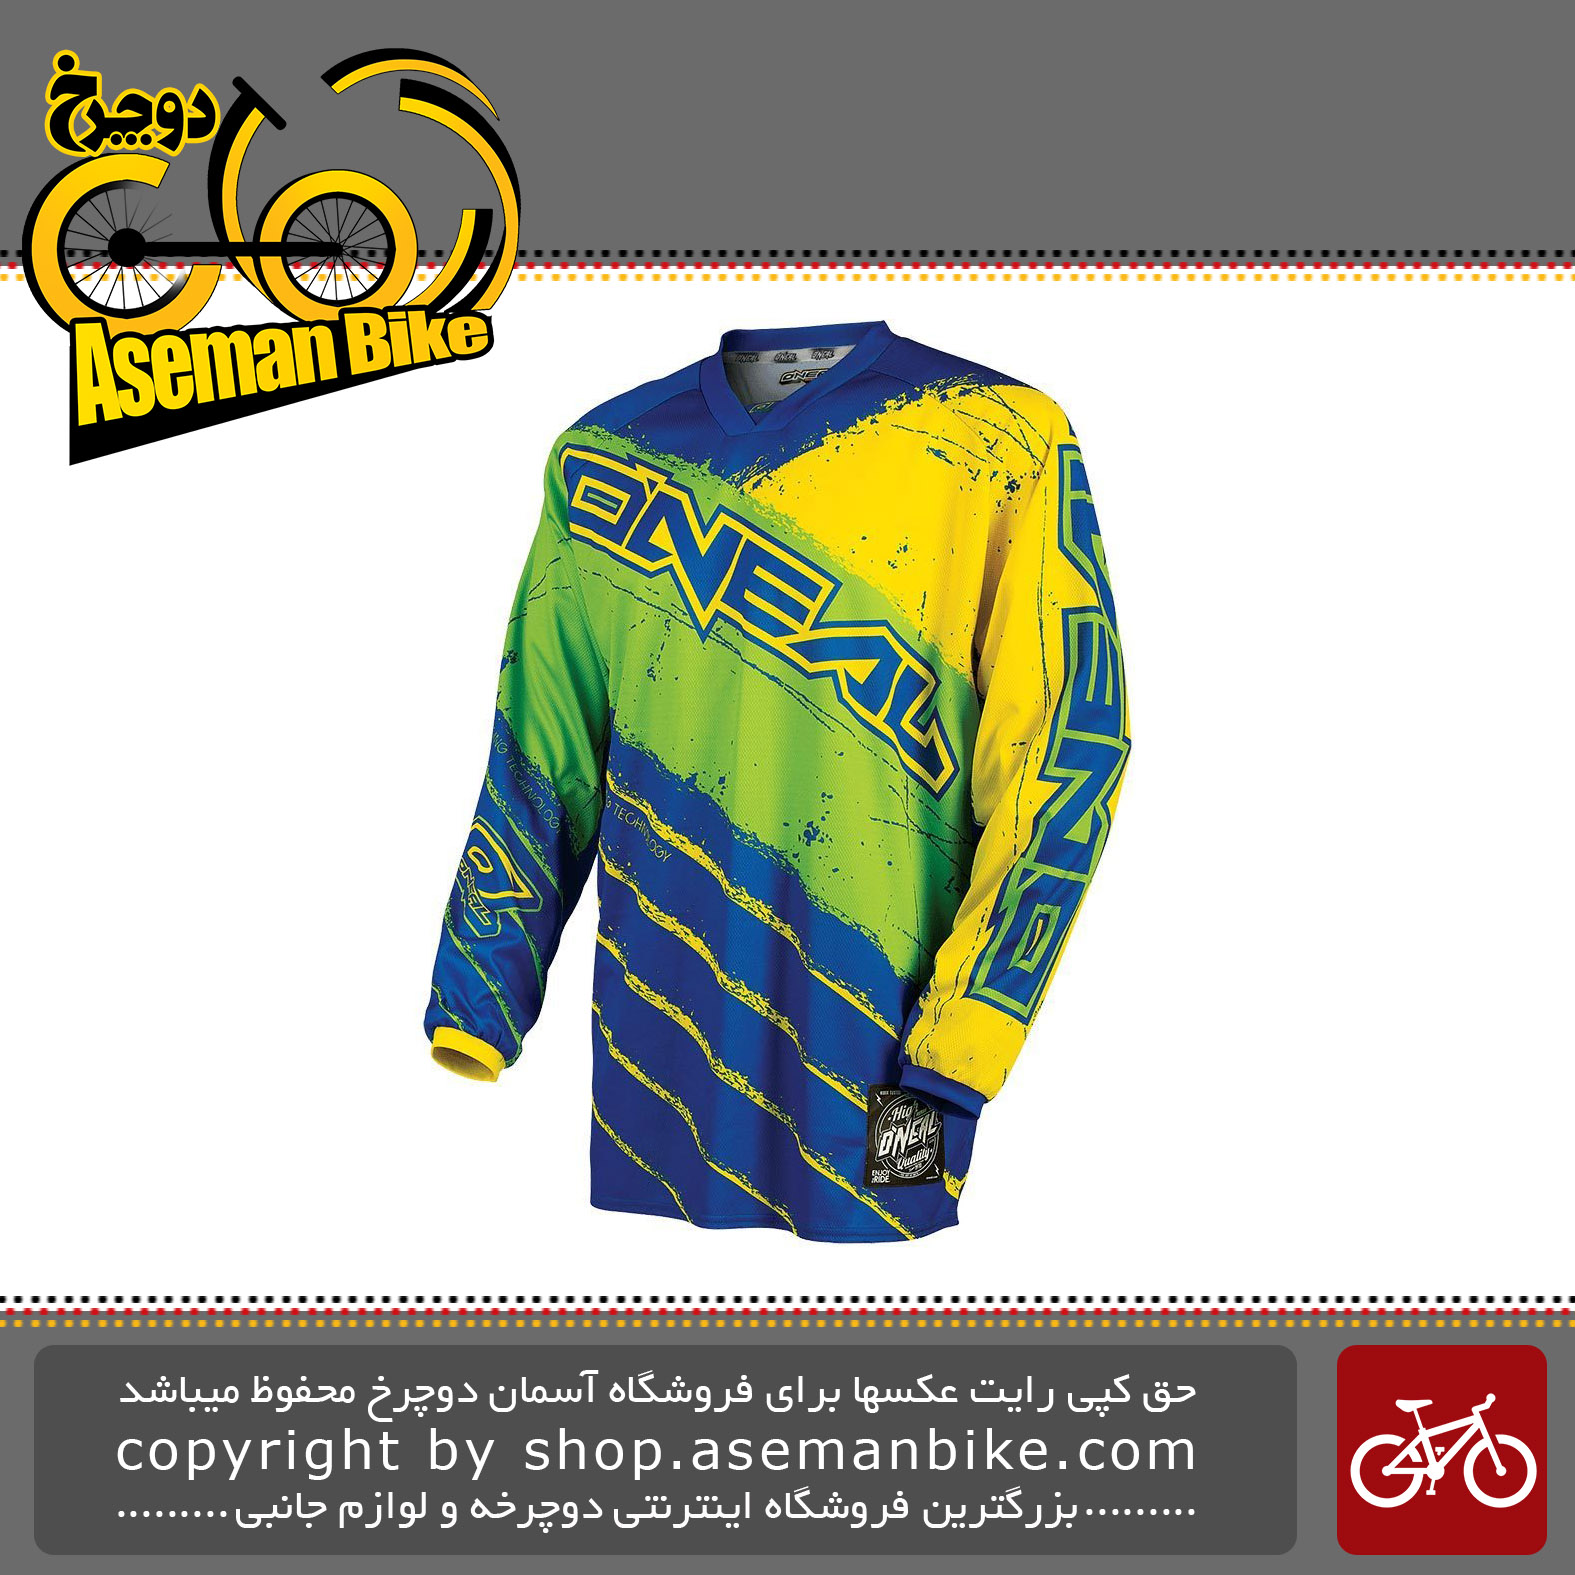 پیراهن دوچرخه و موتور دانهیل اونیل مدل مایهم ری ولت جرسی Oneal Hardware Mayhem Revolt Jersey RACEWEAR